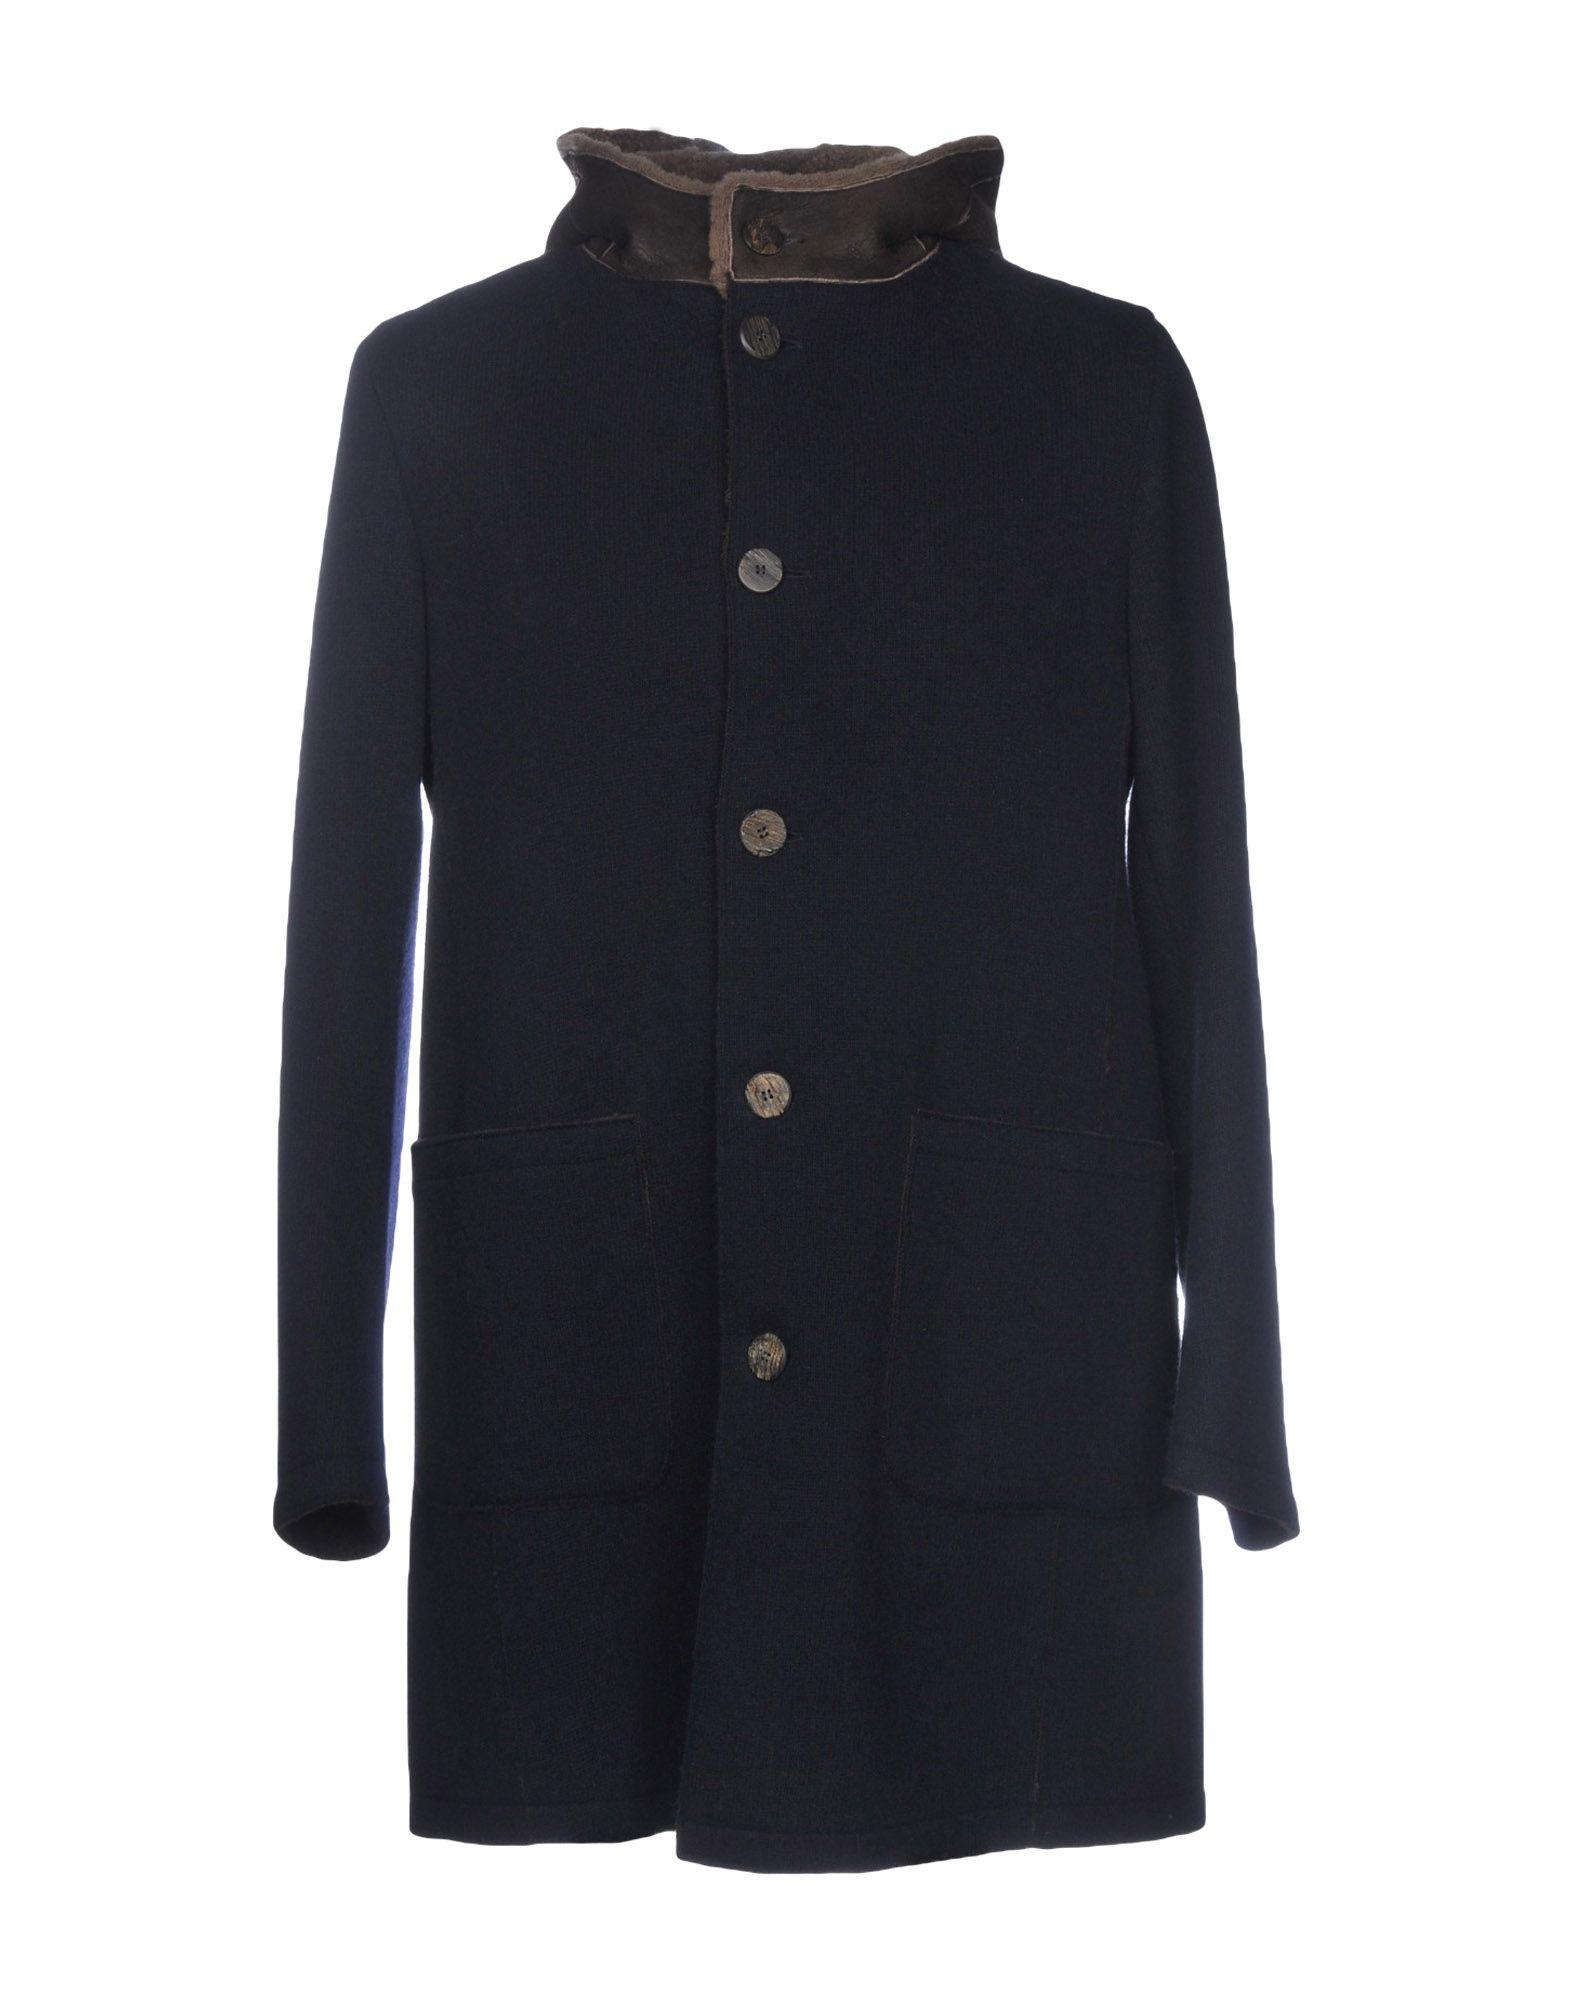 GMS-75 Coat in Dark Blue